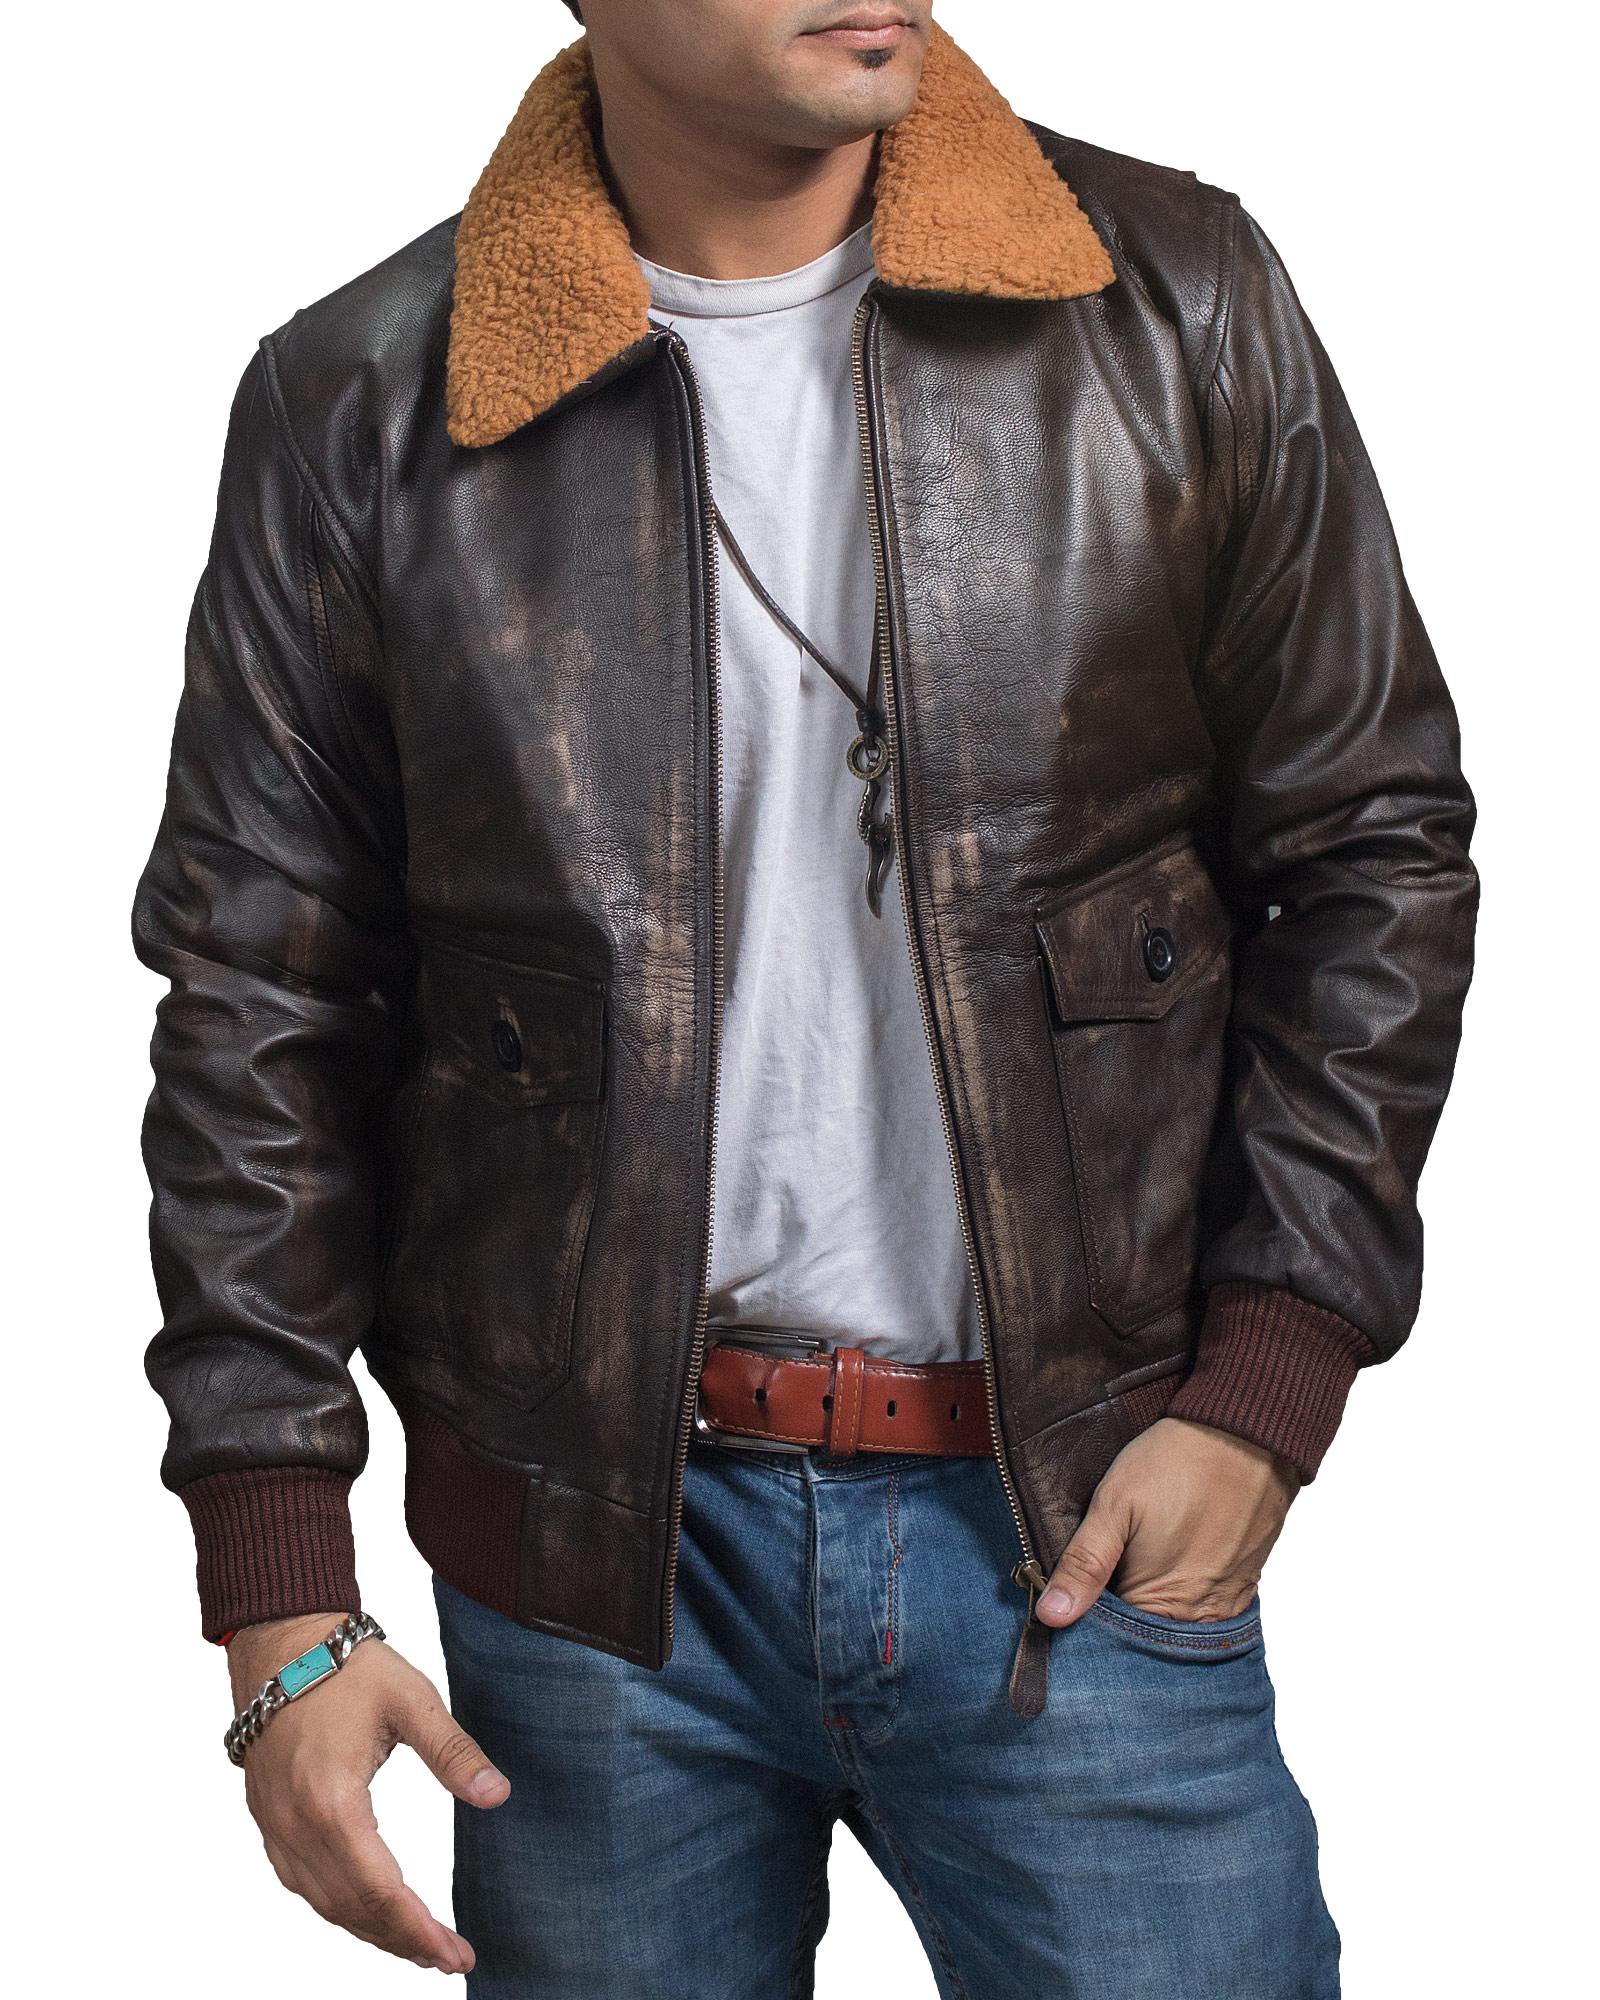 g1-jacket-a